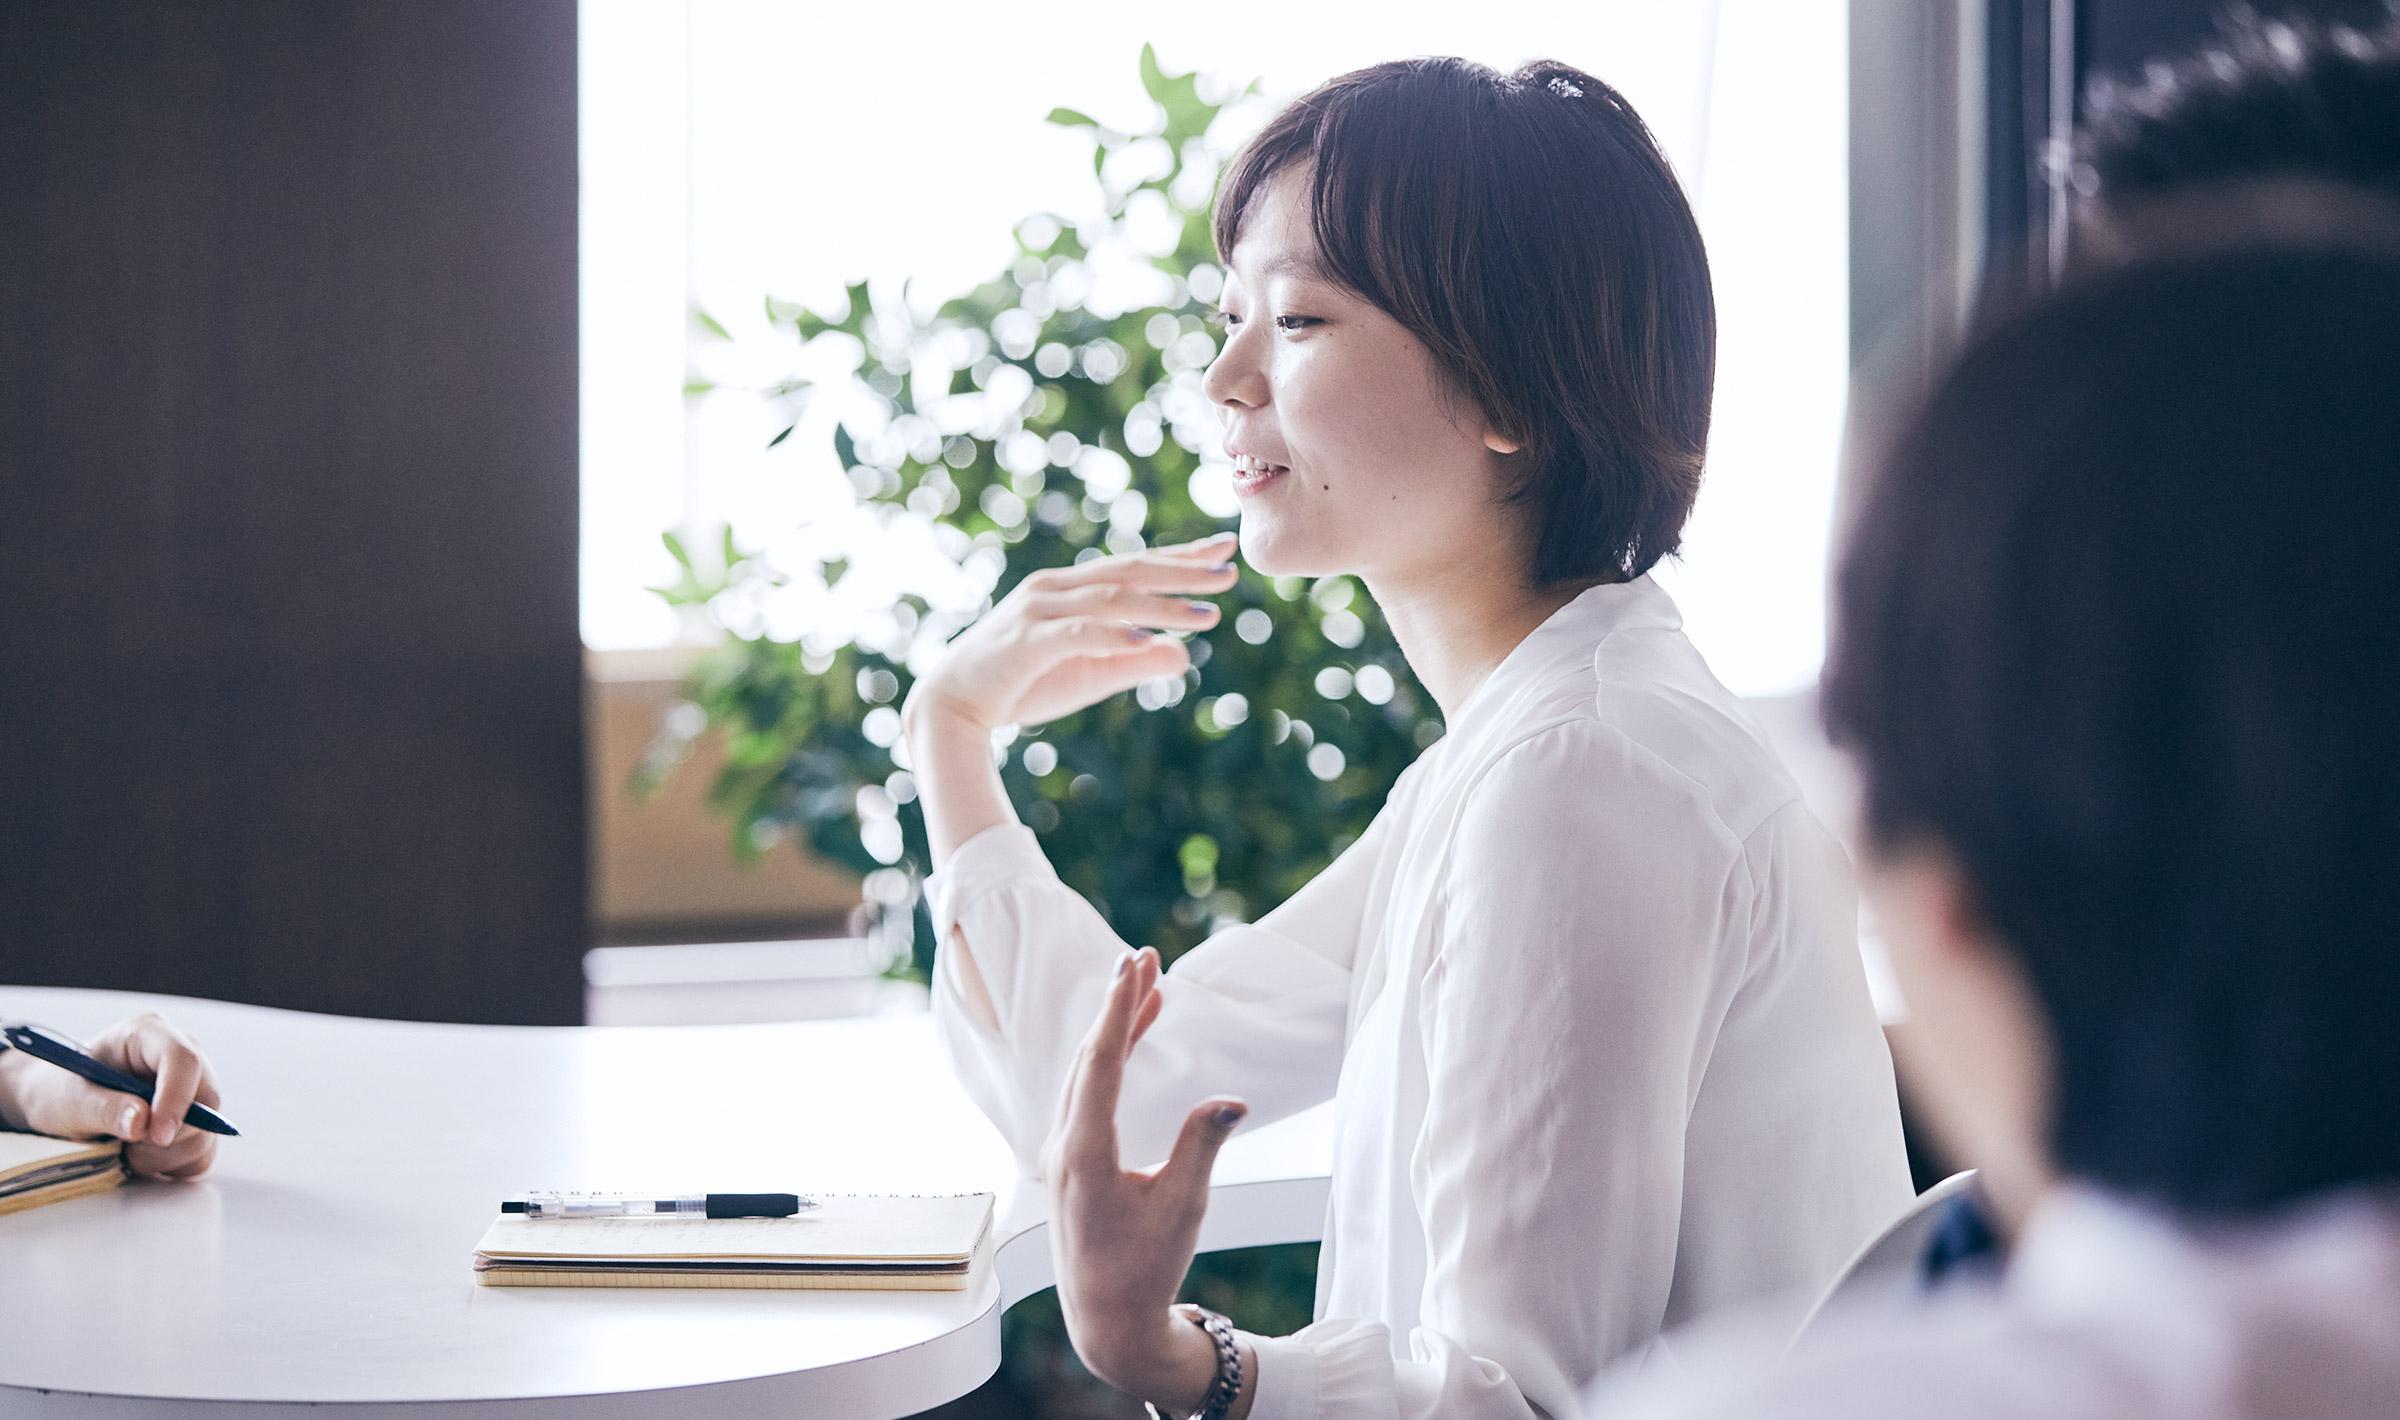 日本スキルプロバイダ株式会社 | セールス代行/教育研修